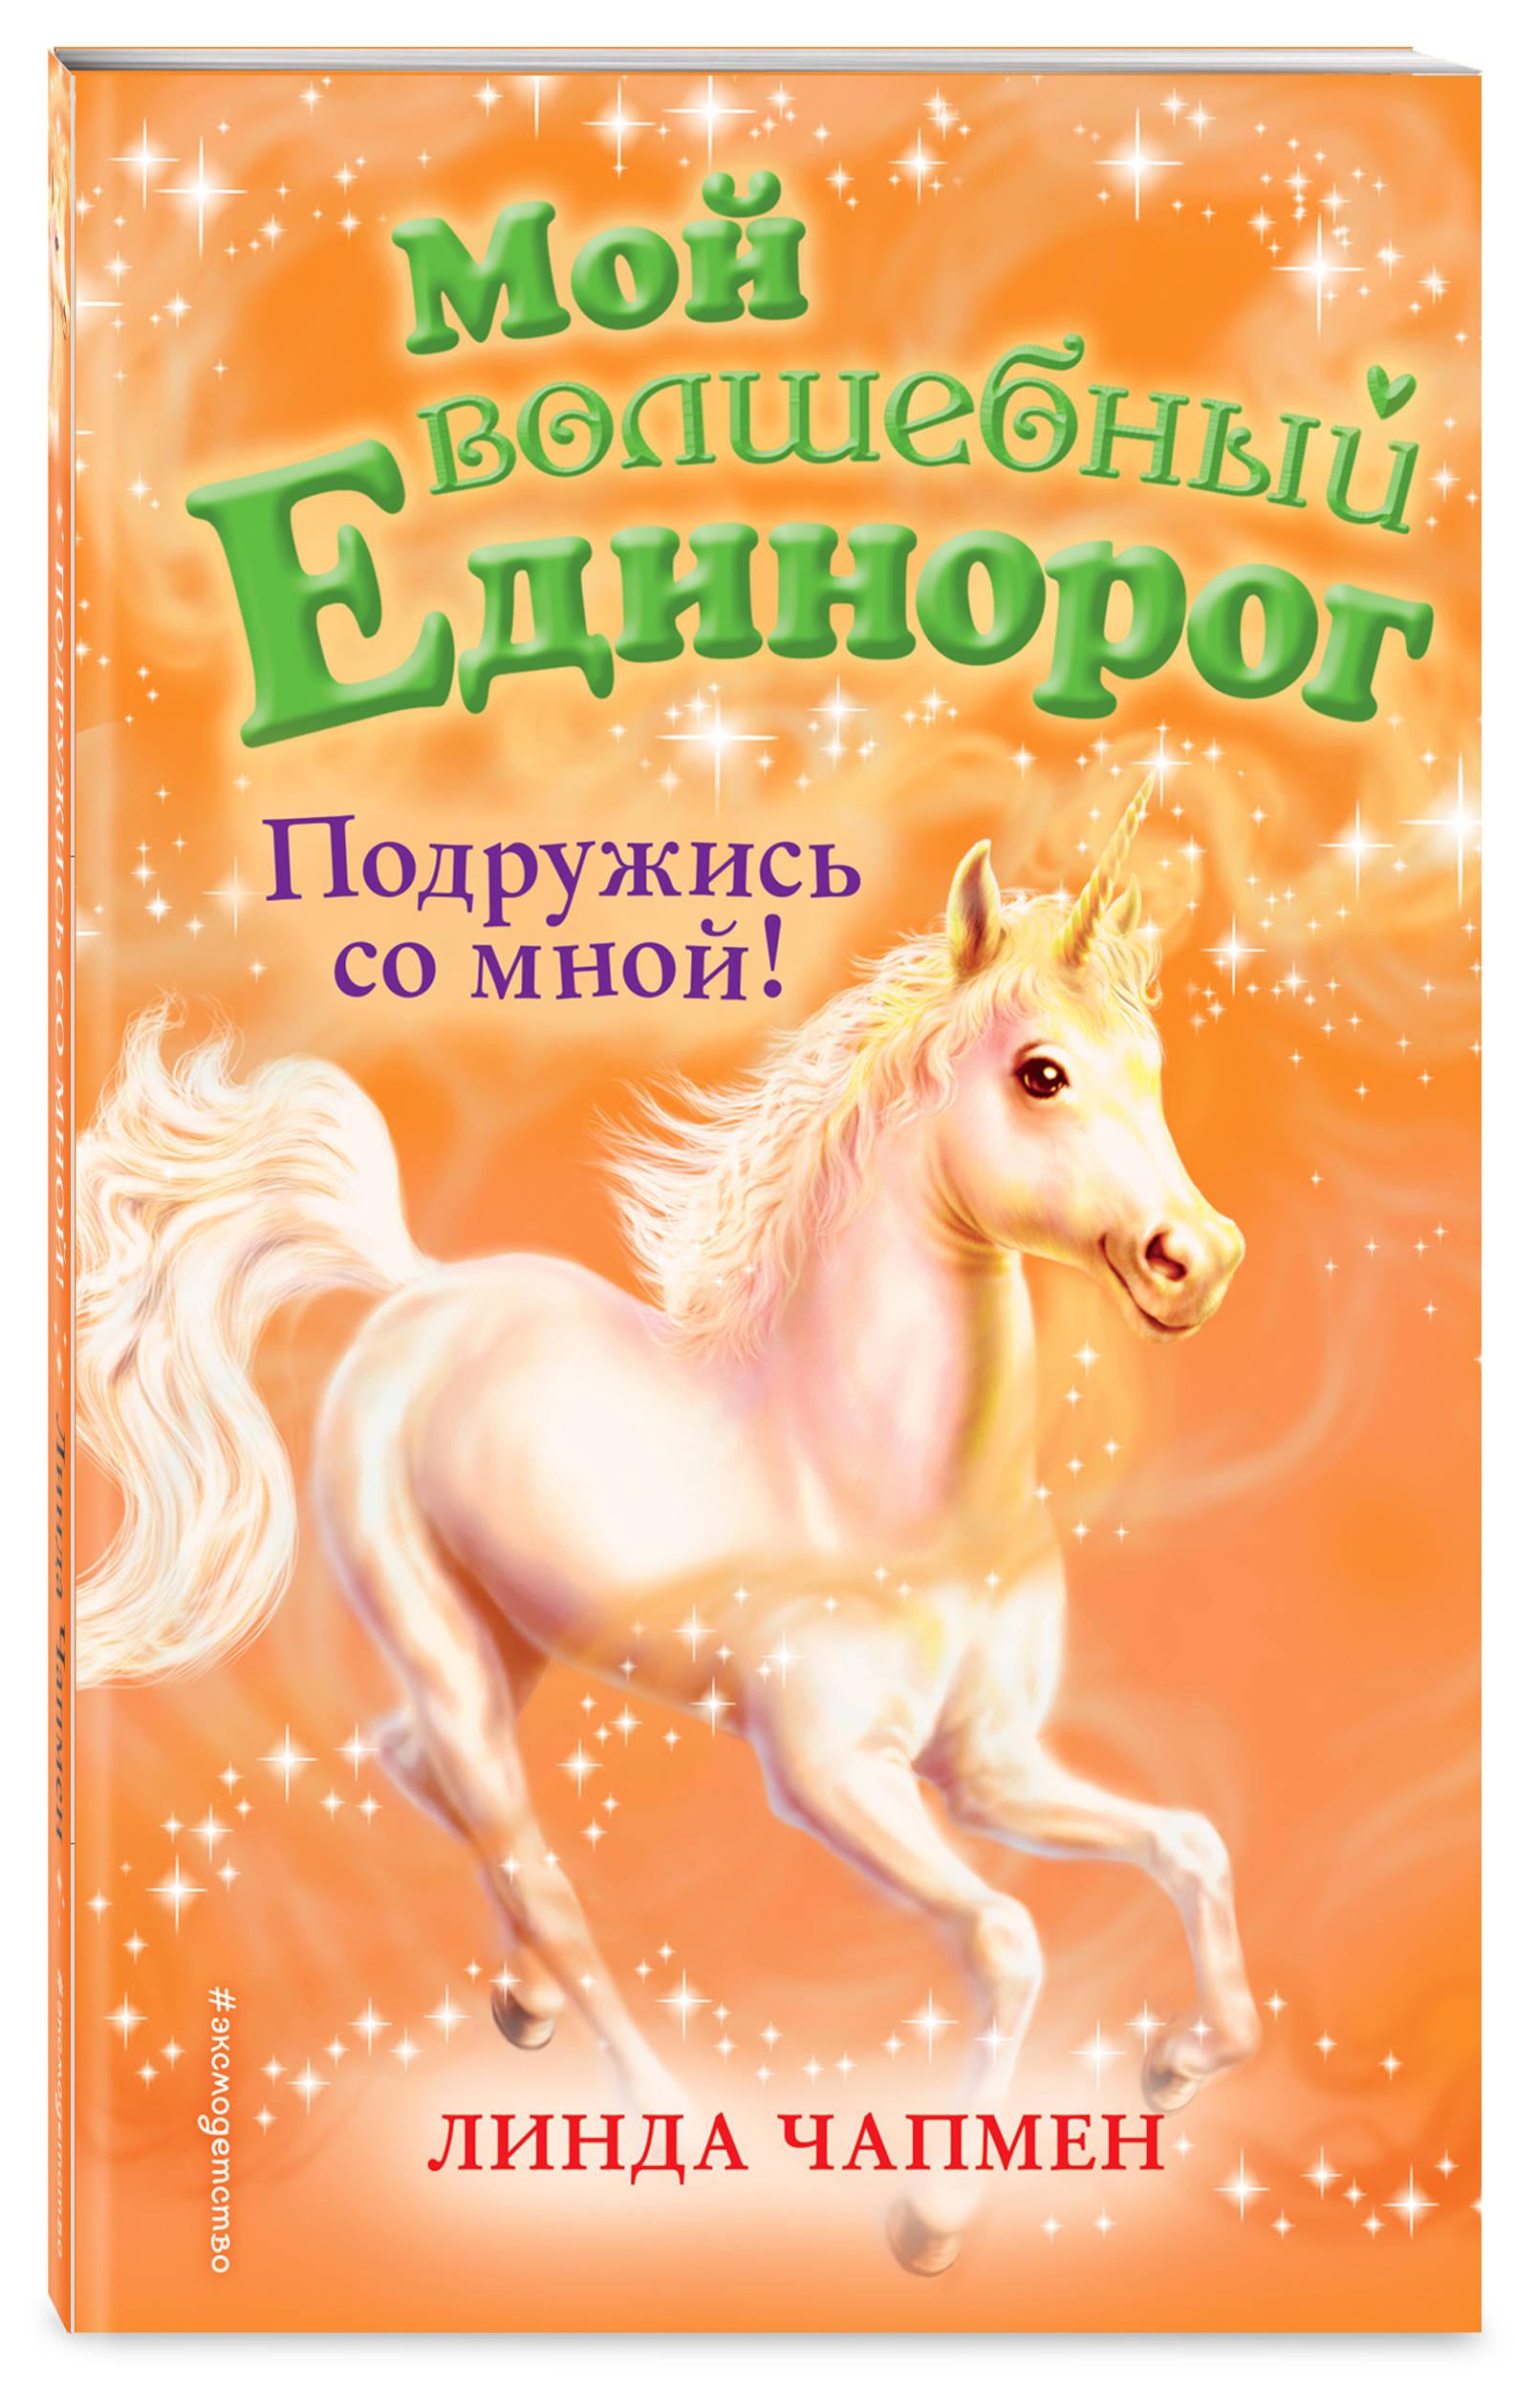 Линда Чапмен Мой волшебный единорог. Книга 9 (у.н.) валерия пиккола мой друг – единорог